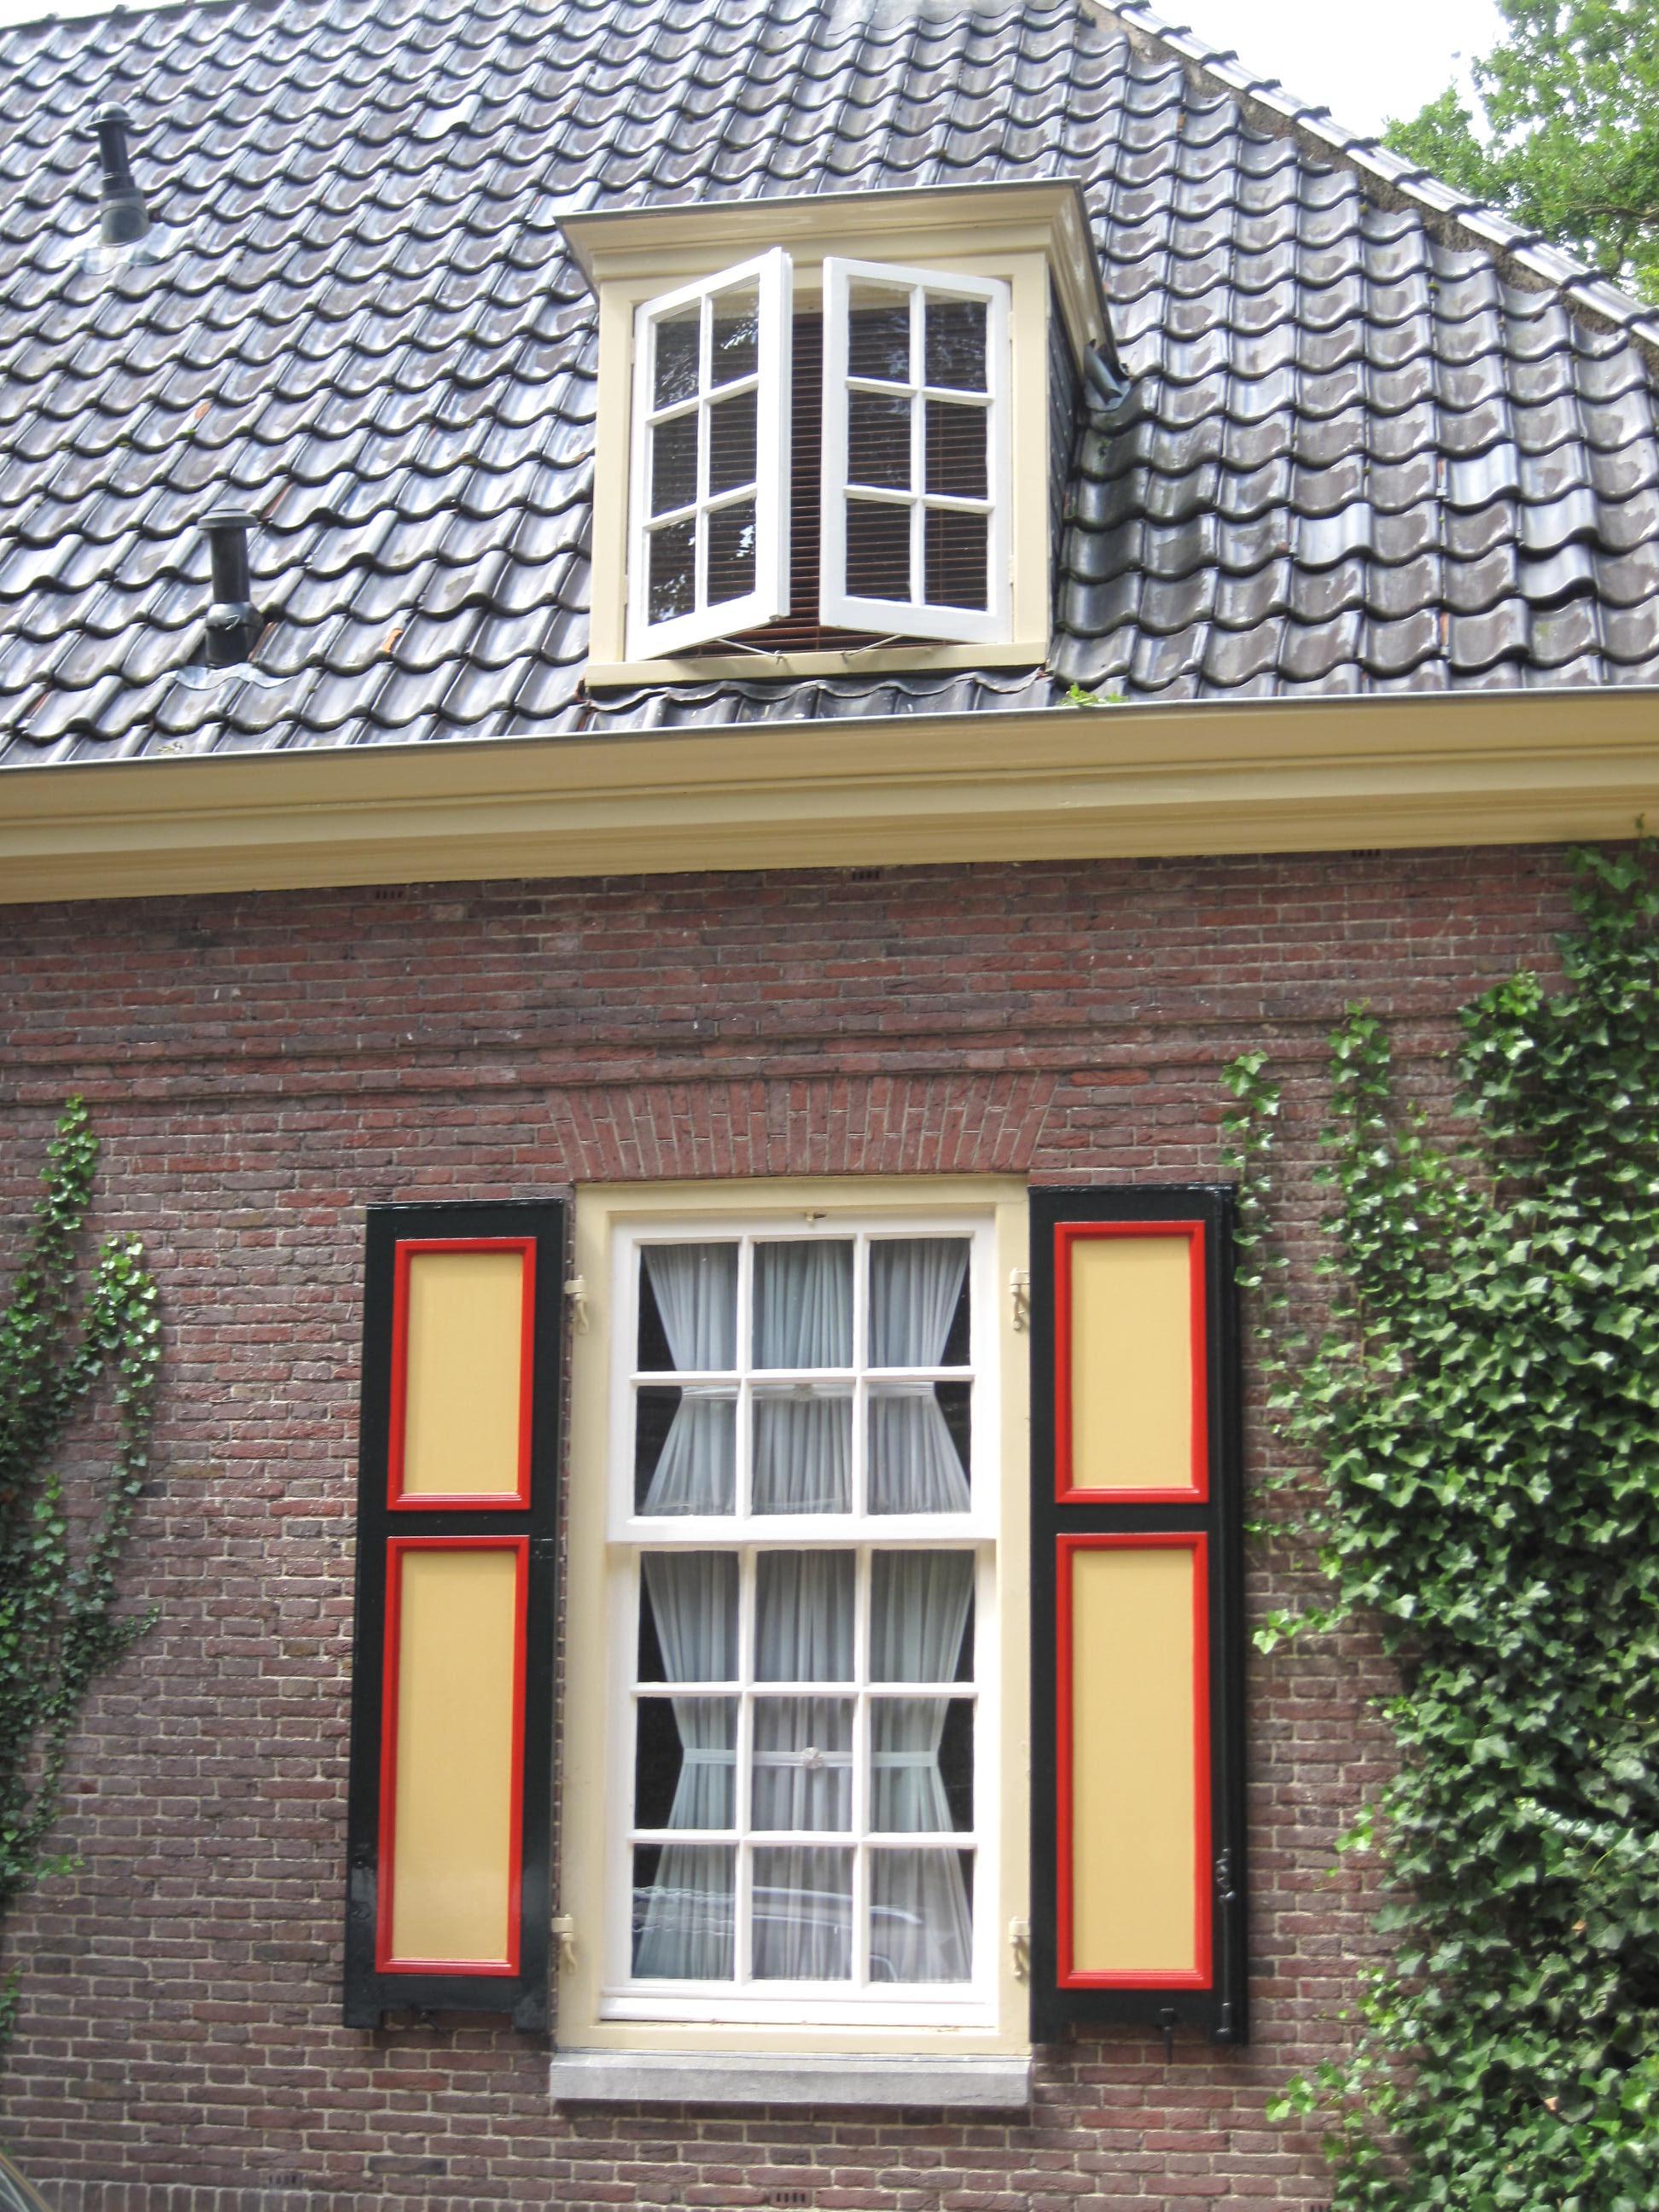 Bellinckhof-Almelo-Koetshuis-006